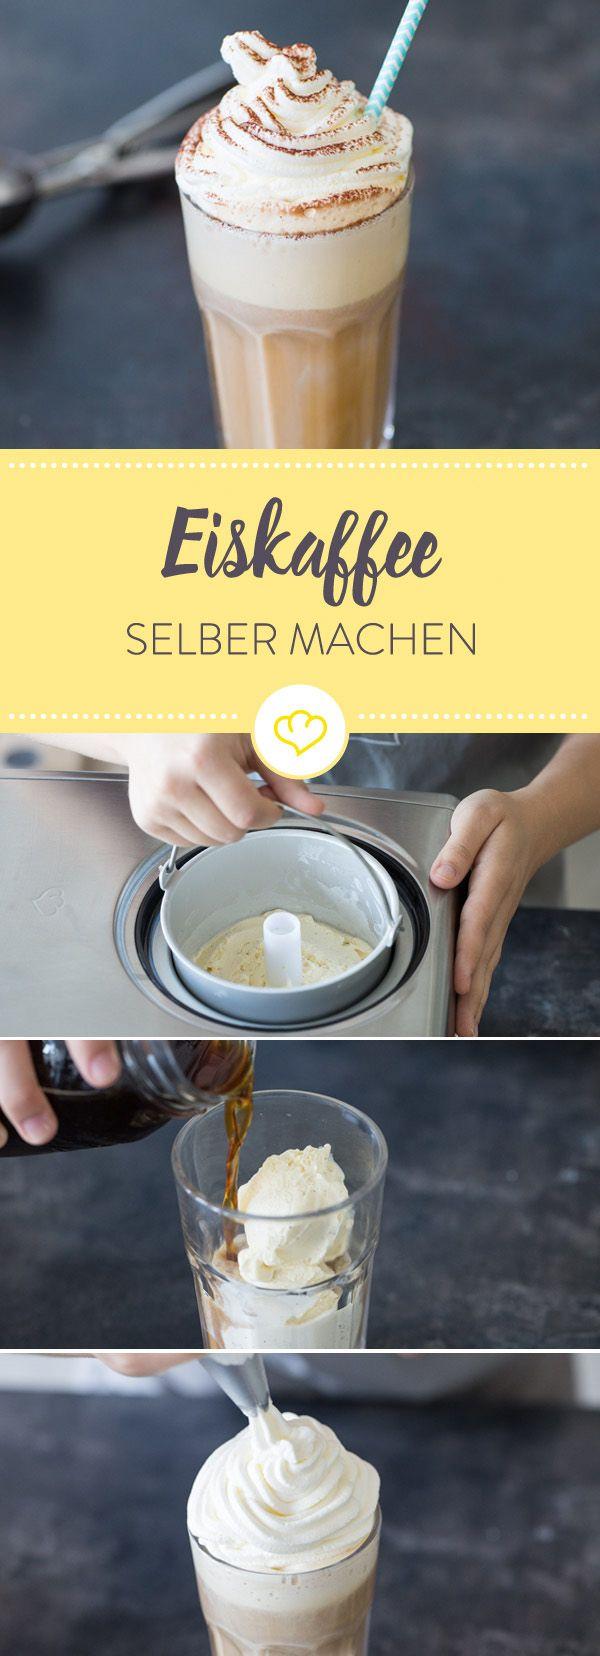 Lass den Cappuccino stehen! Wenn die Sonne vom Himmel strahlt, hilft nur eins: Vanilleeis, Kaffee und Sahne holen und Eiskaffee einfach selber machen.